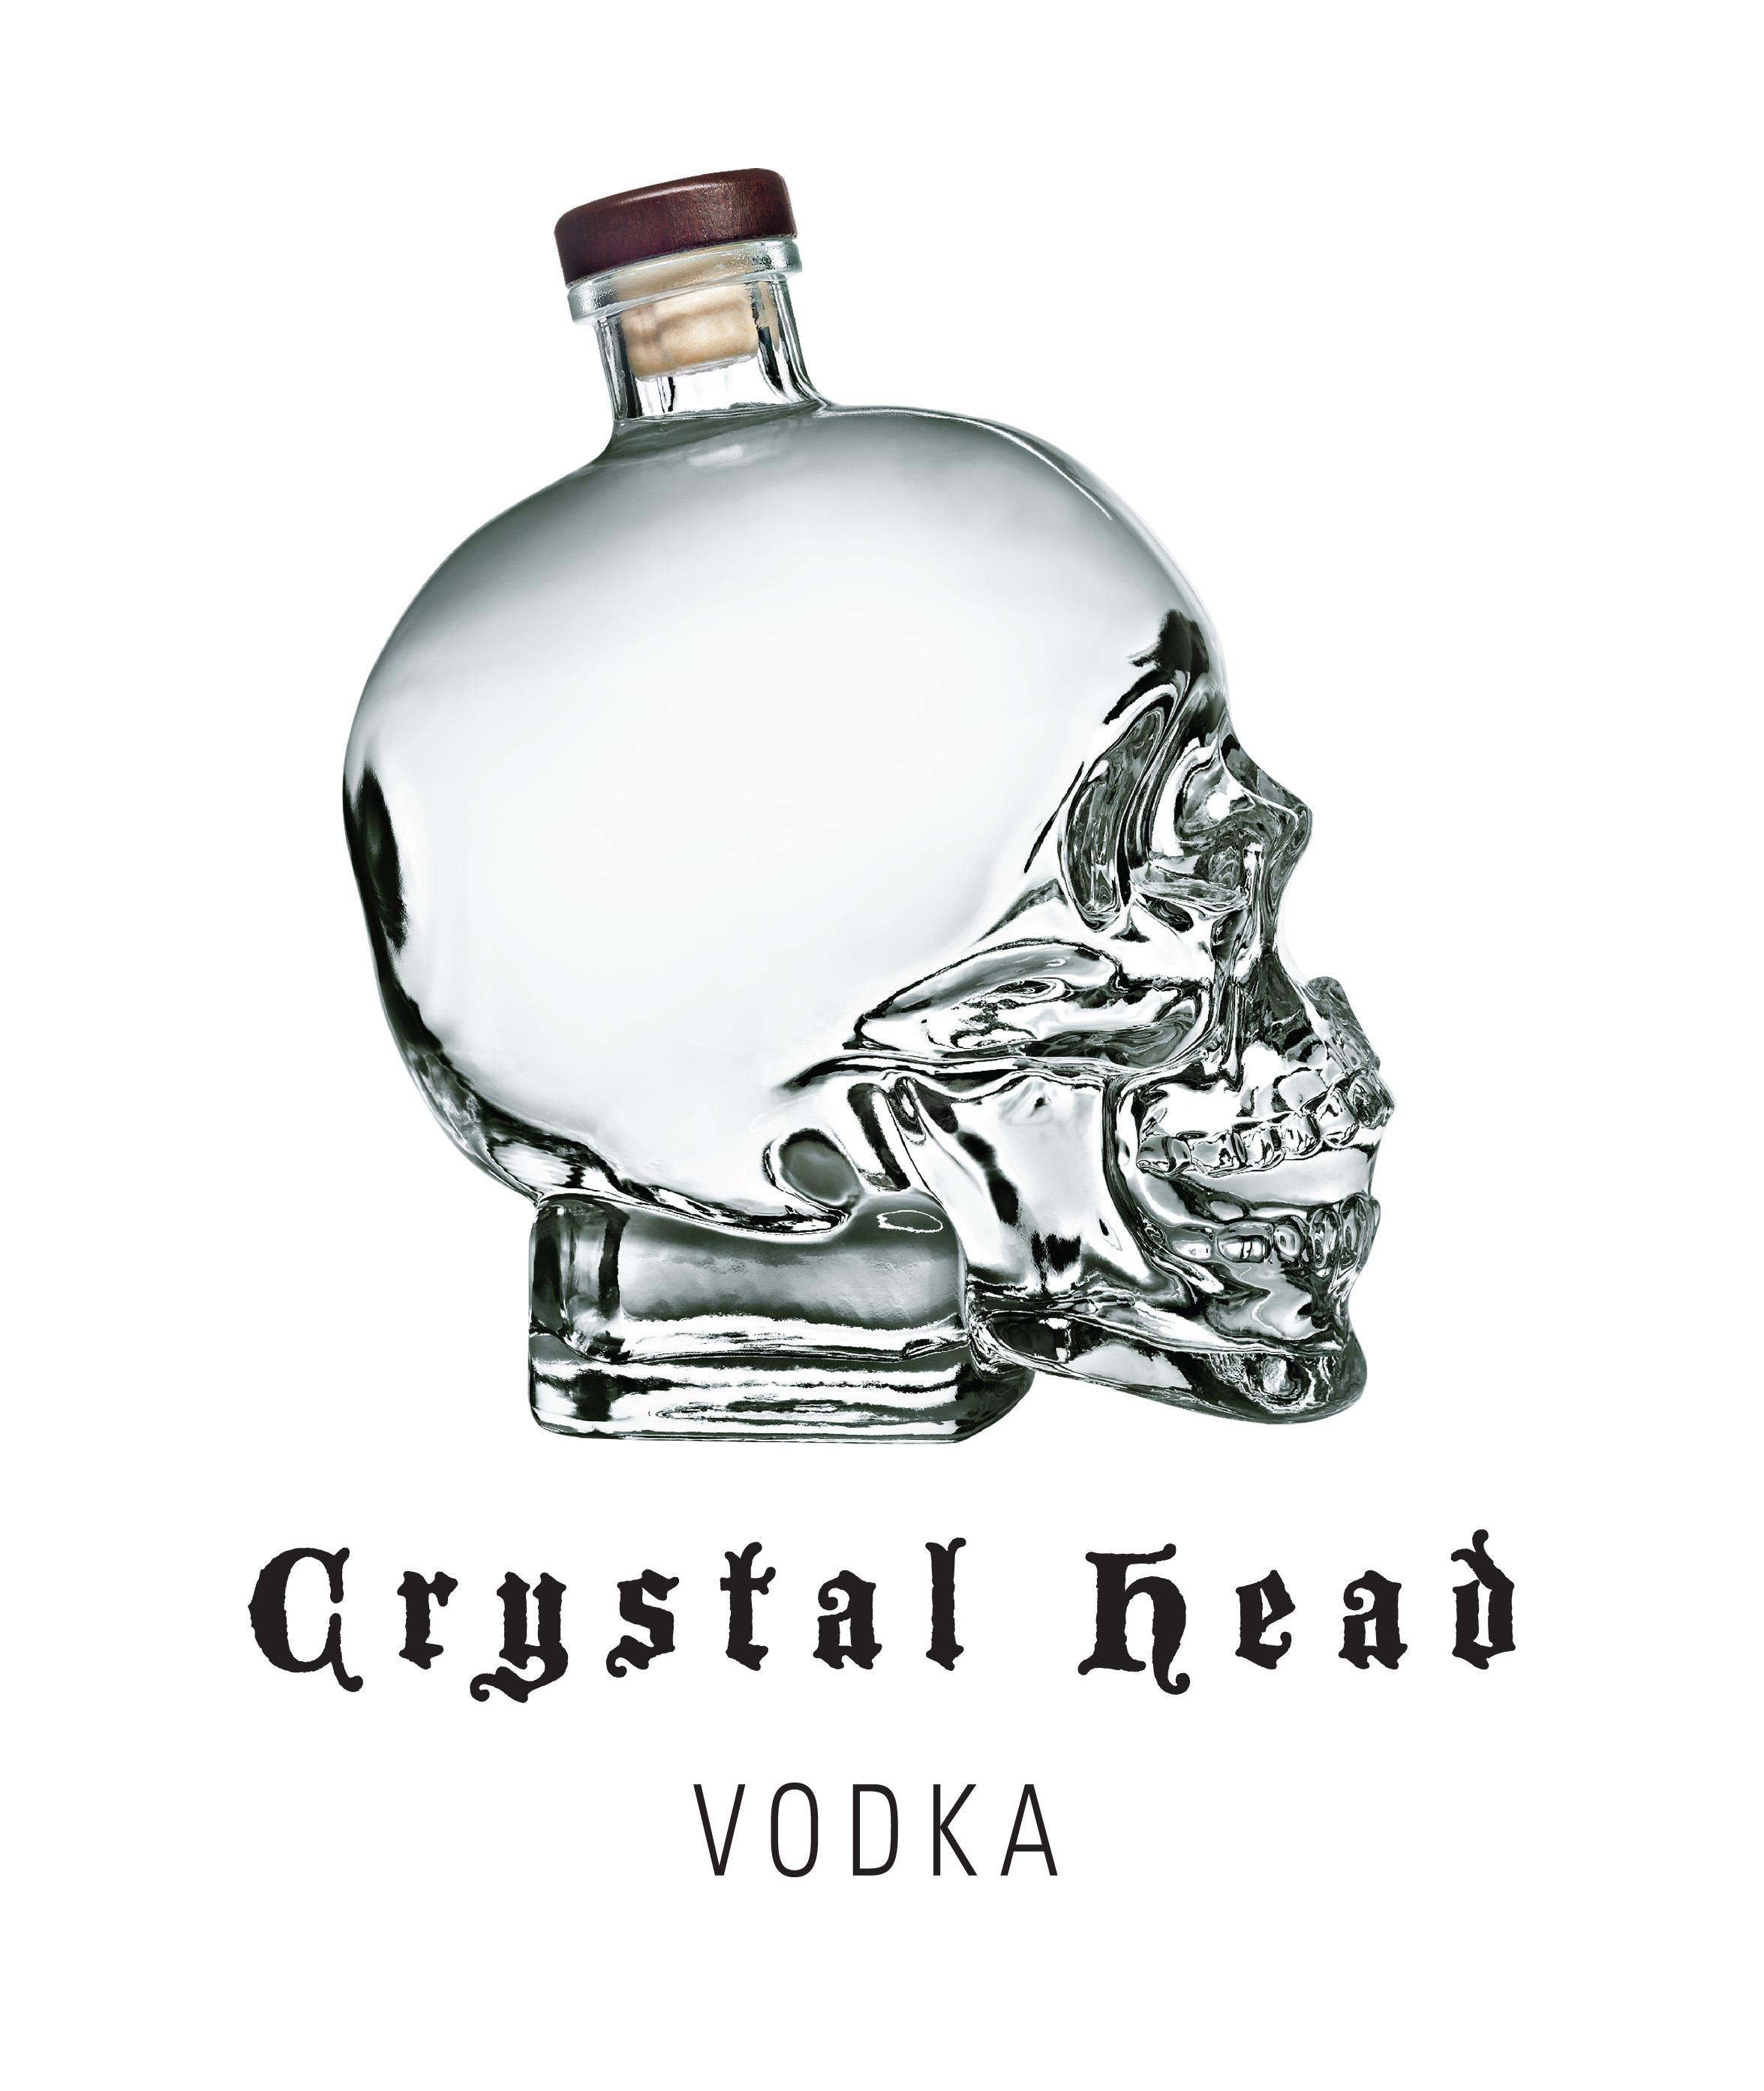 Crystal Head Written Logo w Bottle Profile